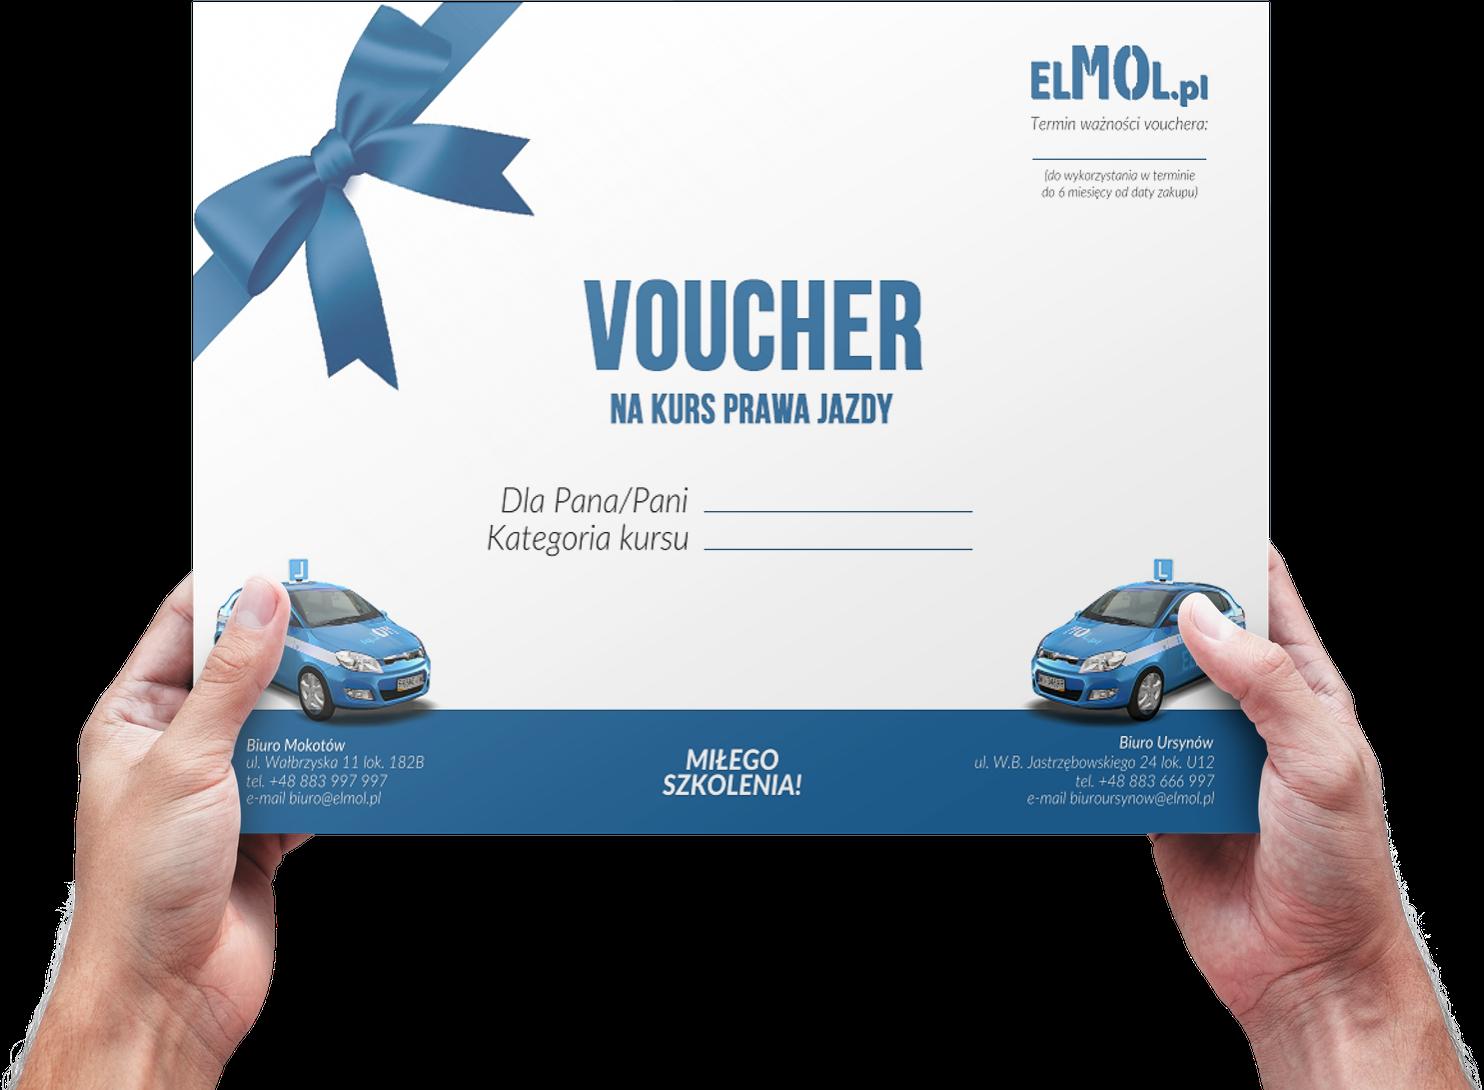 Read more about the article Elmol – voucher